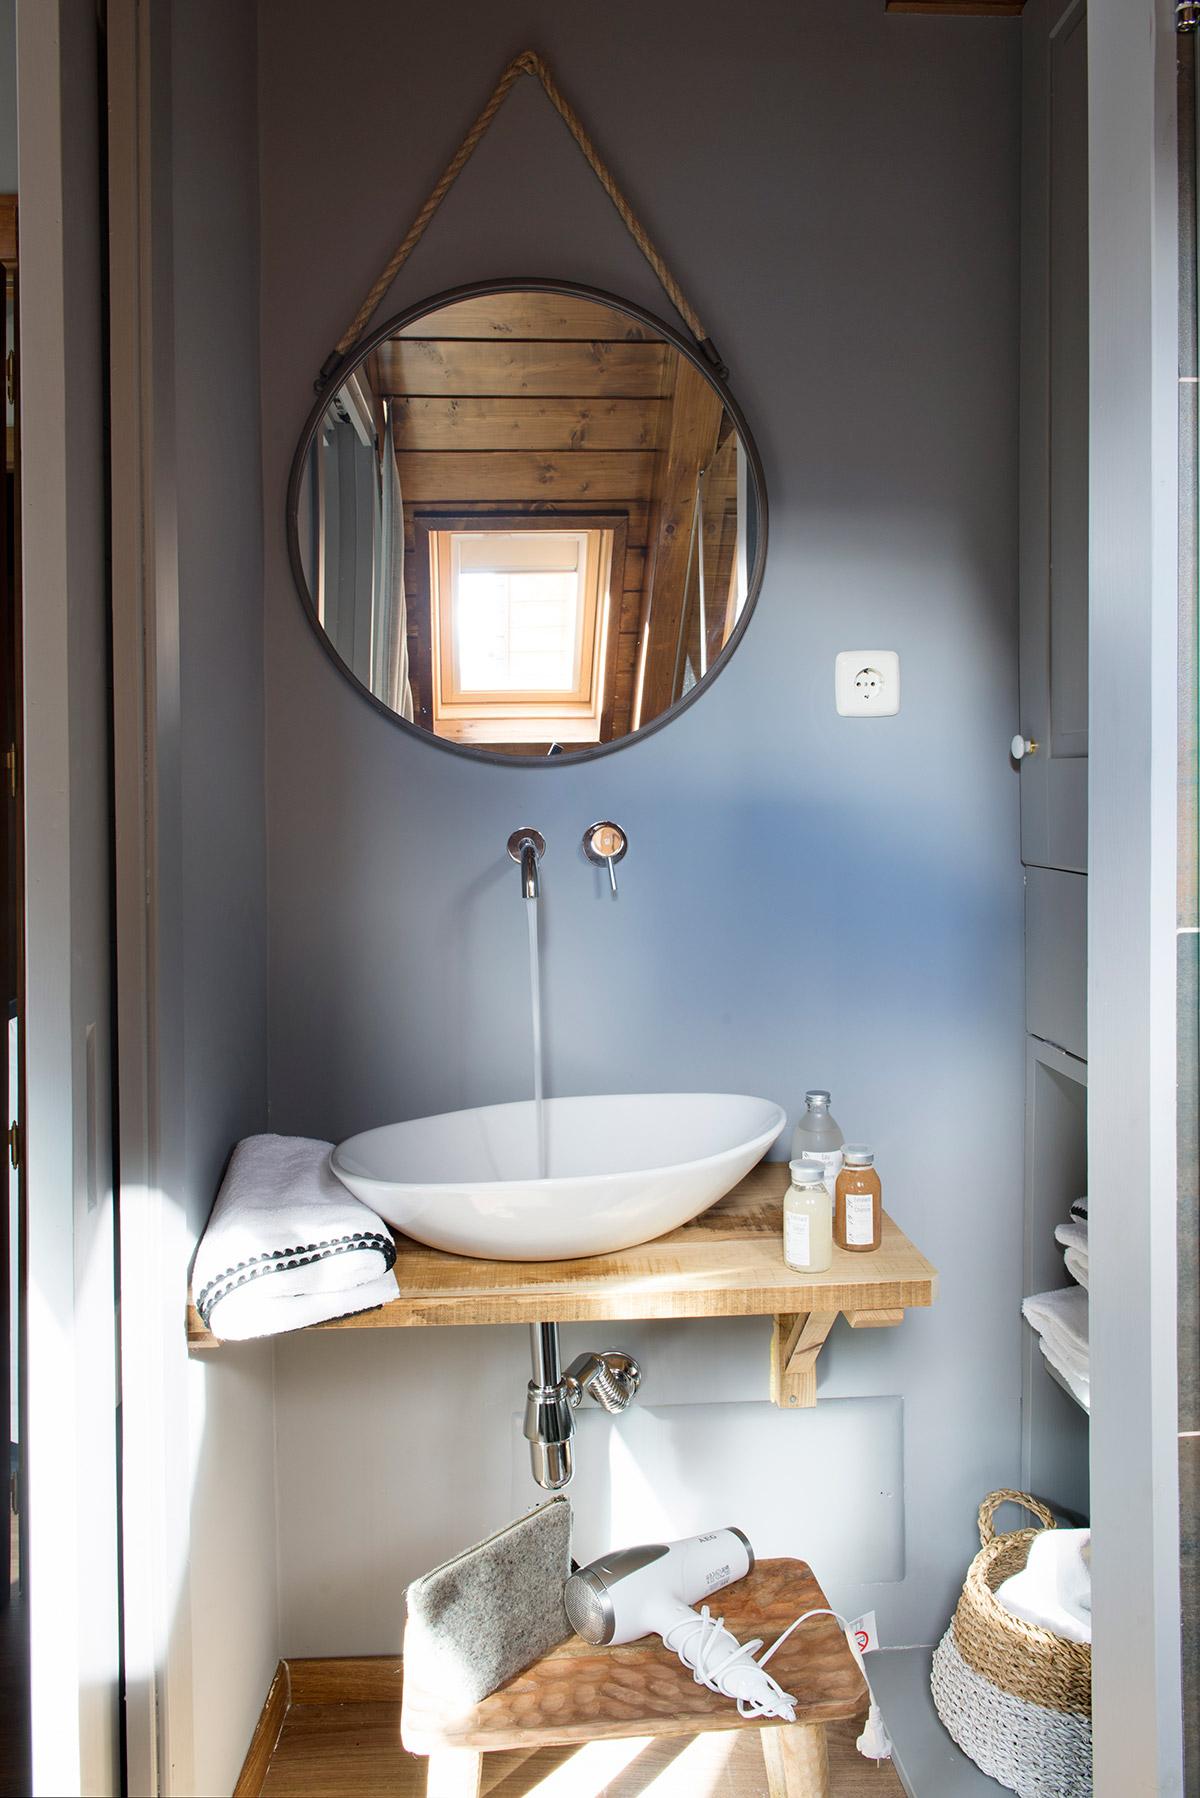 Ideas para aprovechar al m ximo el espacio de un piso peque o for Mueble bano minimalista